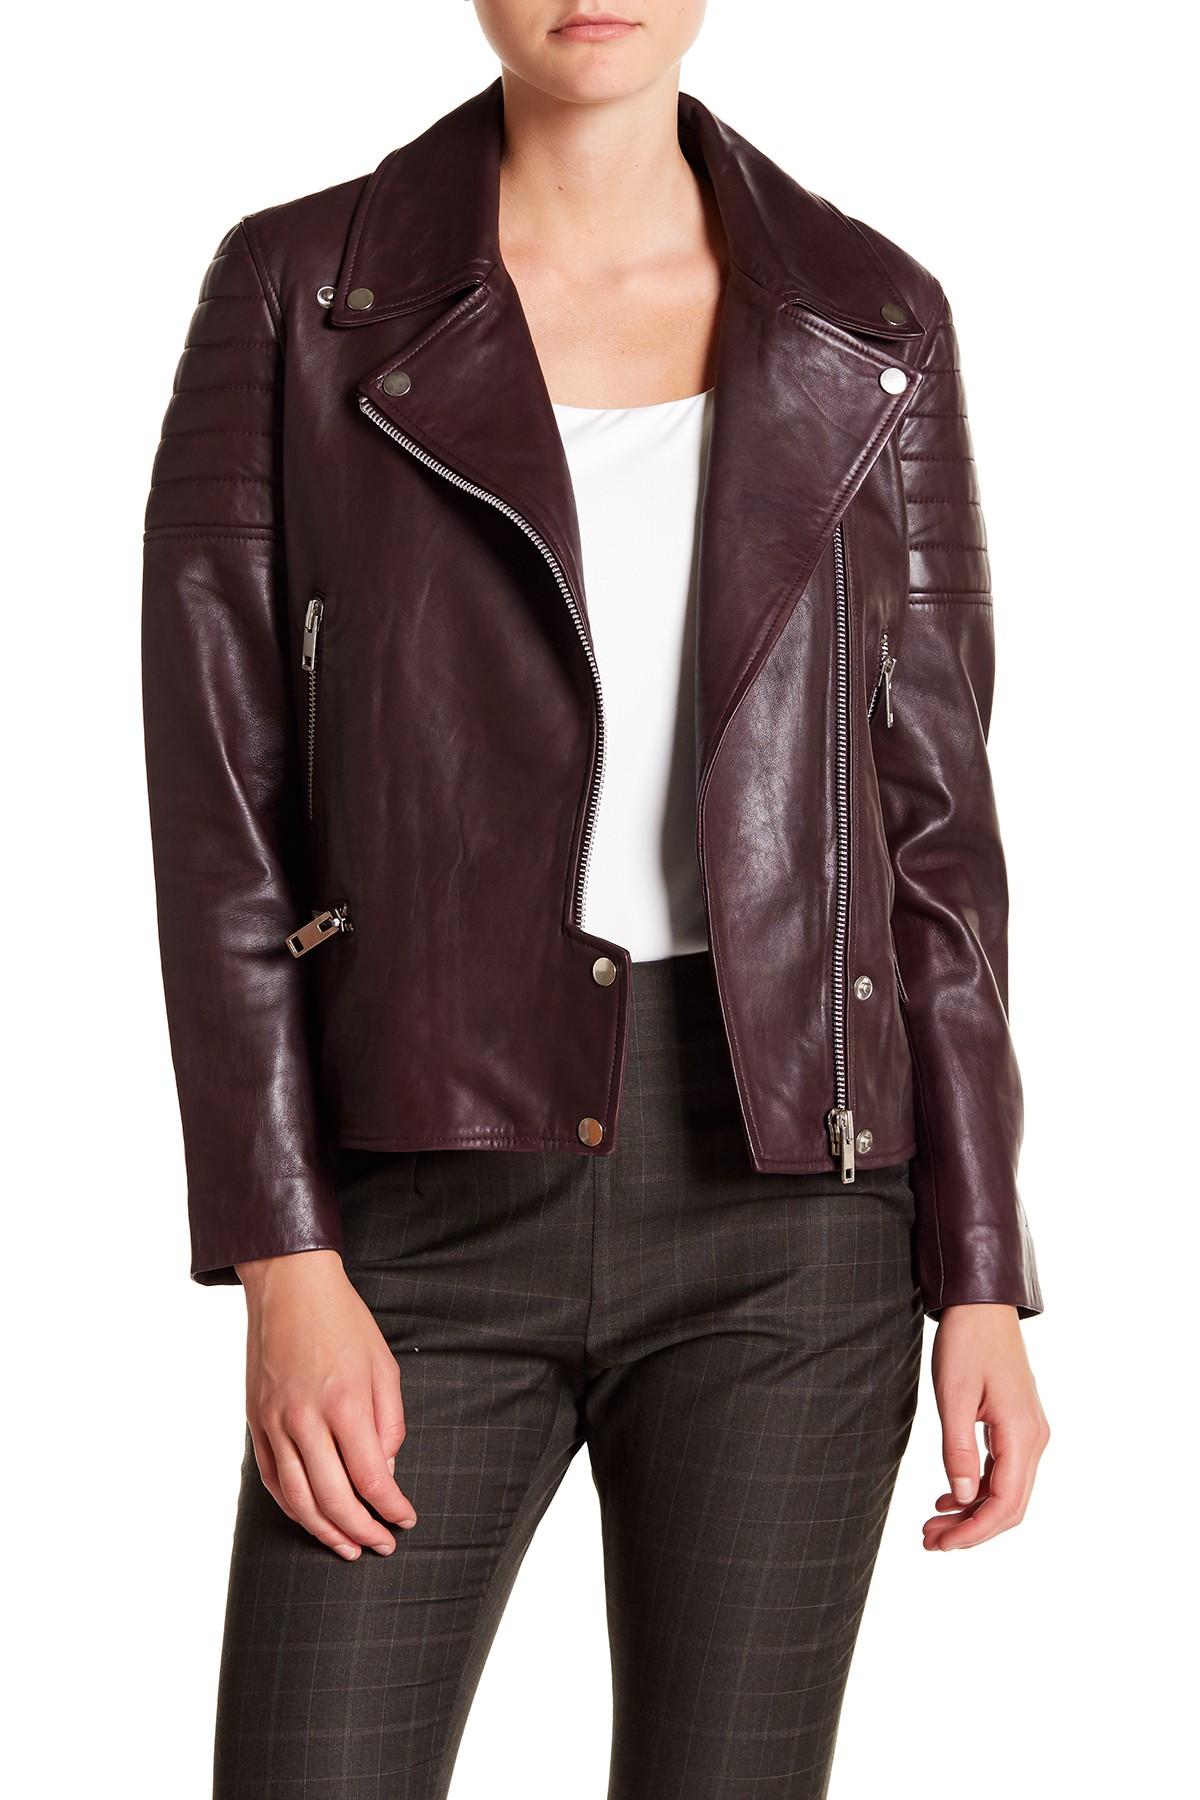 Walter Baker Alea Leather Jacket Nordstrom Rack